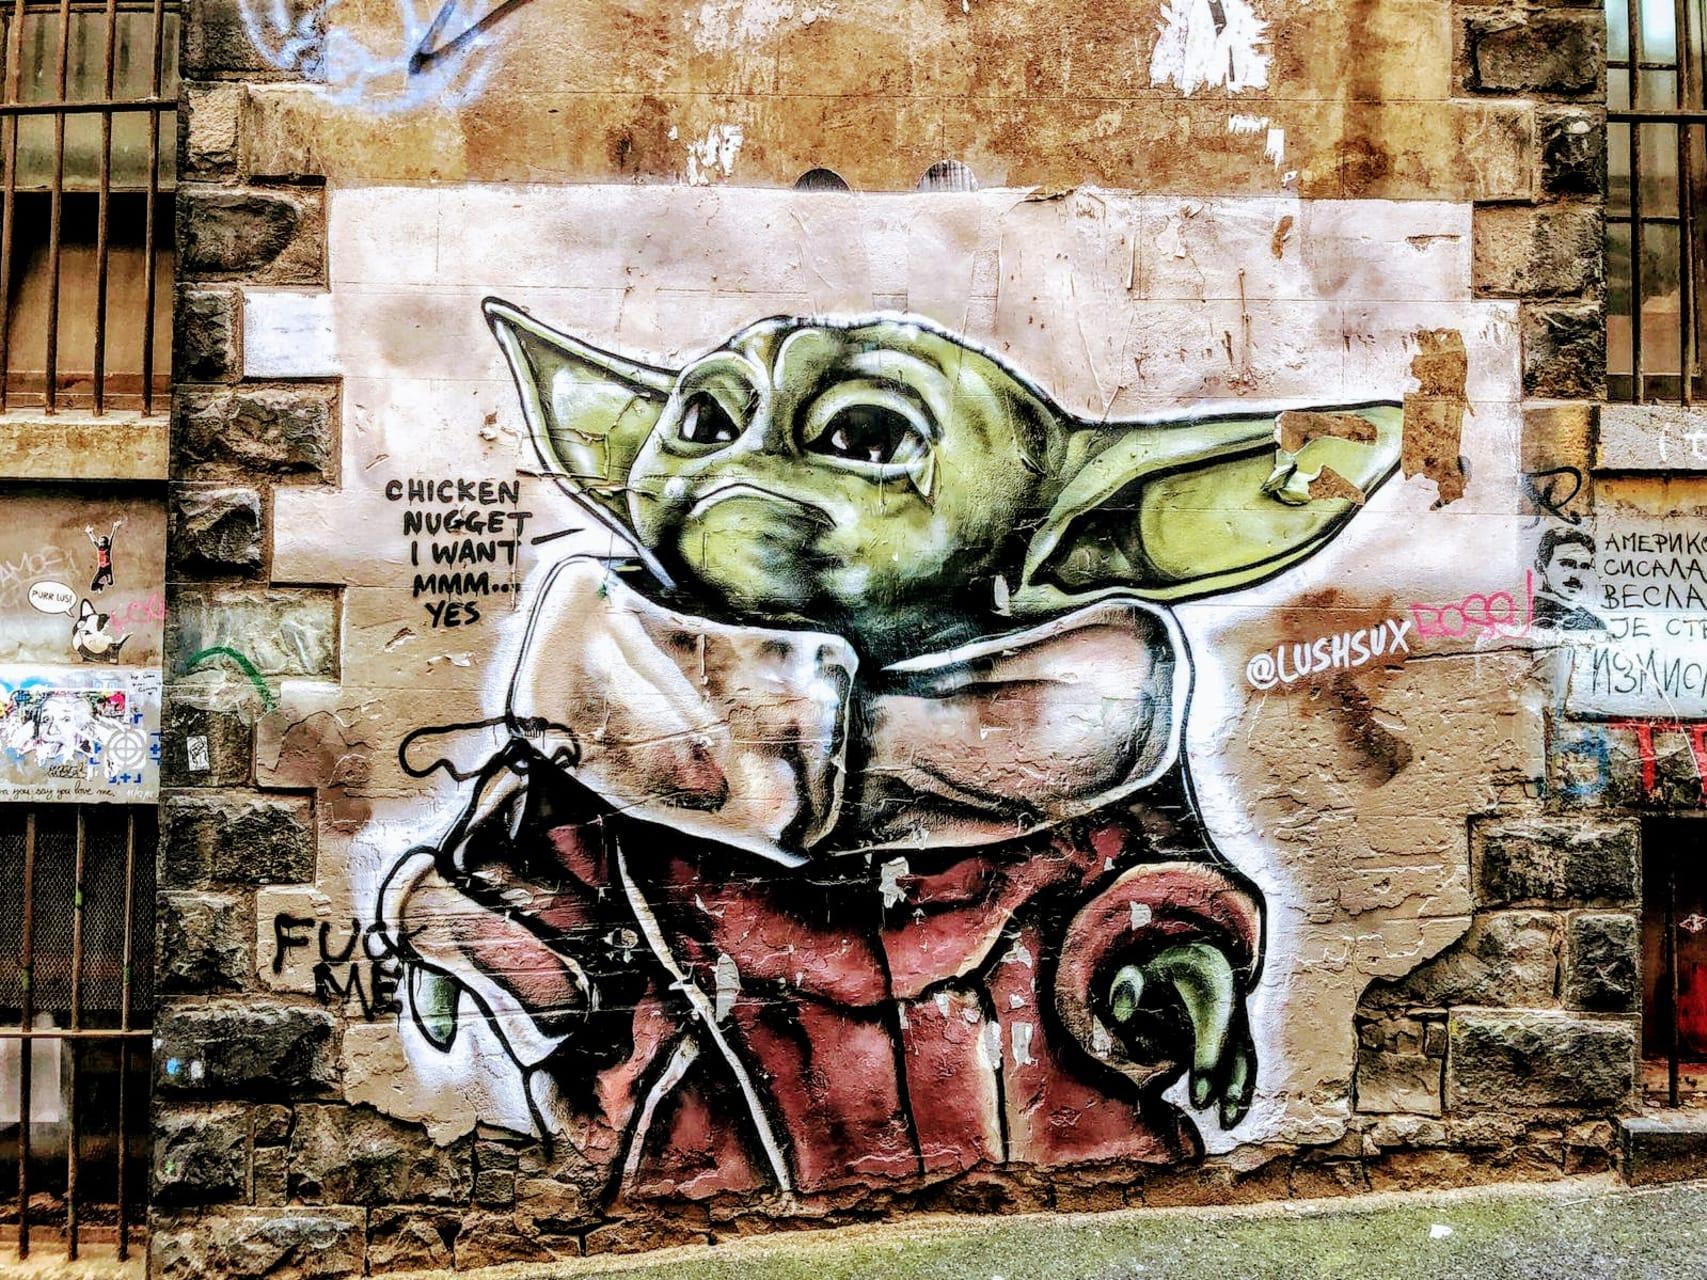 Melbourne - Graffiti and Street Art Culture